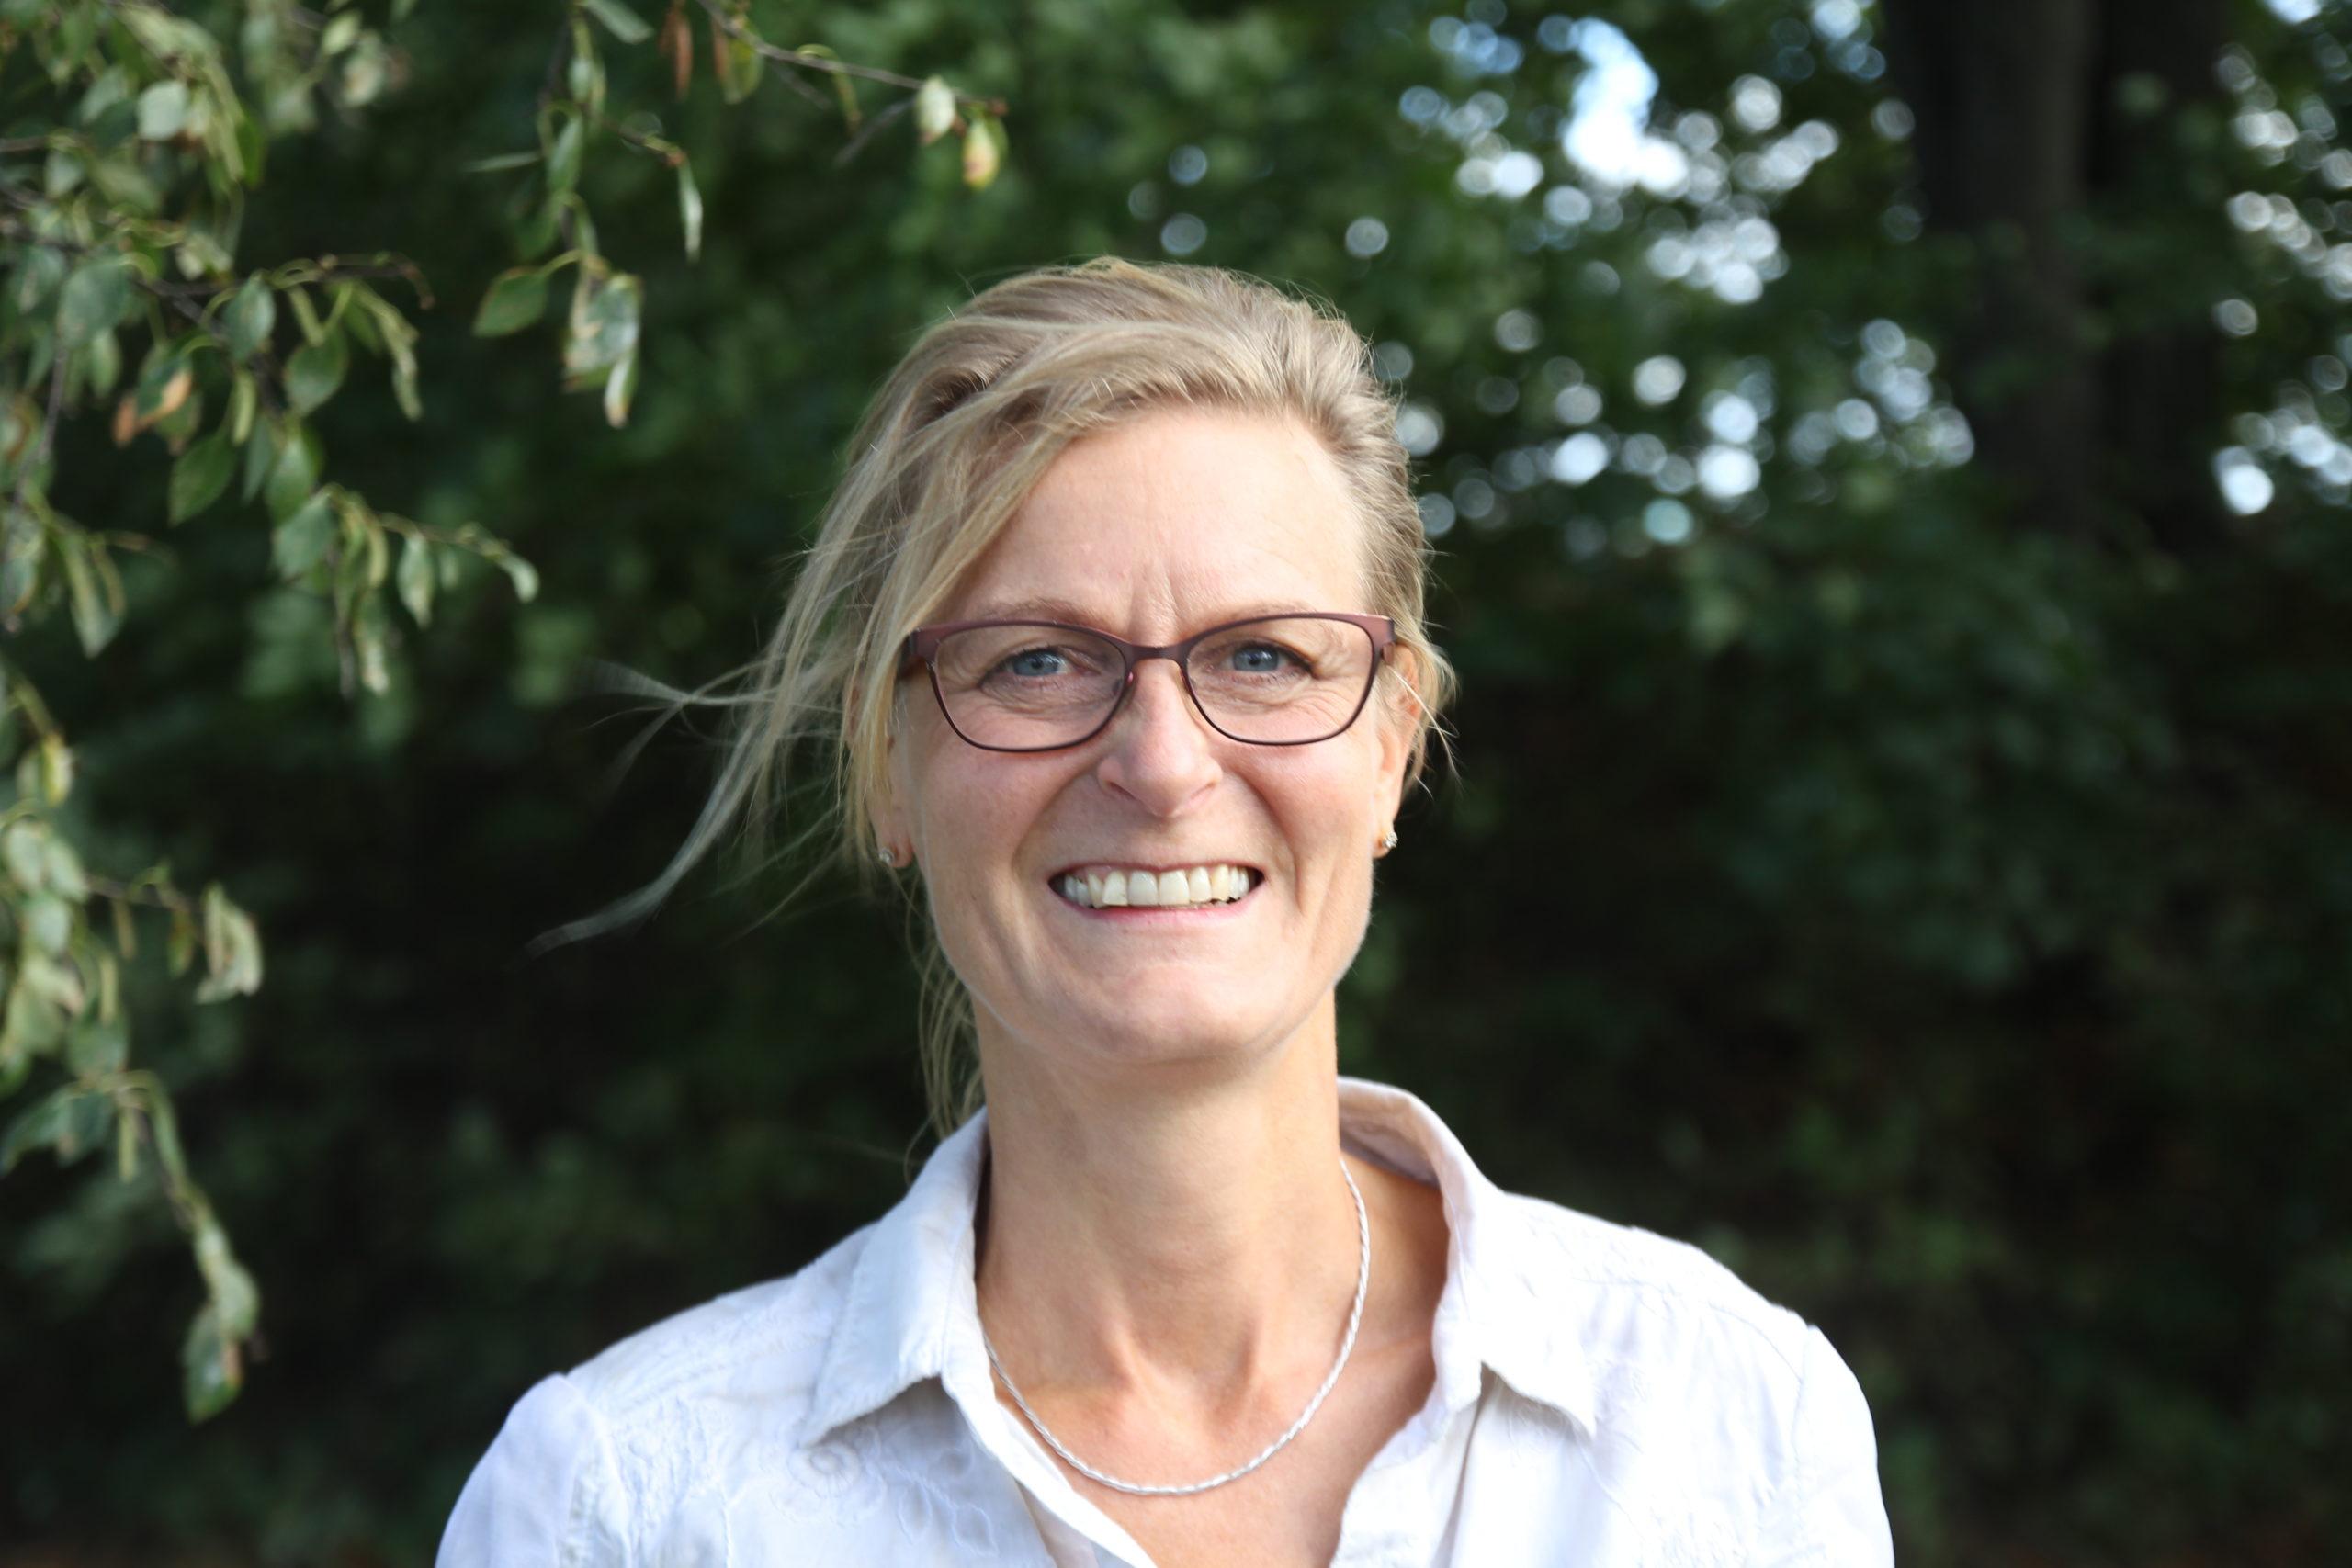 Karin Reichard